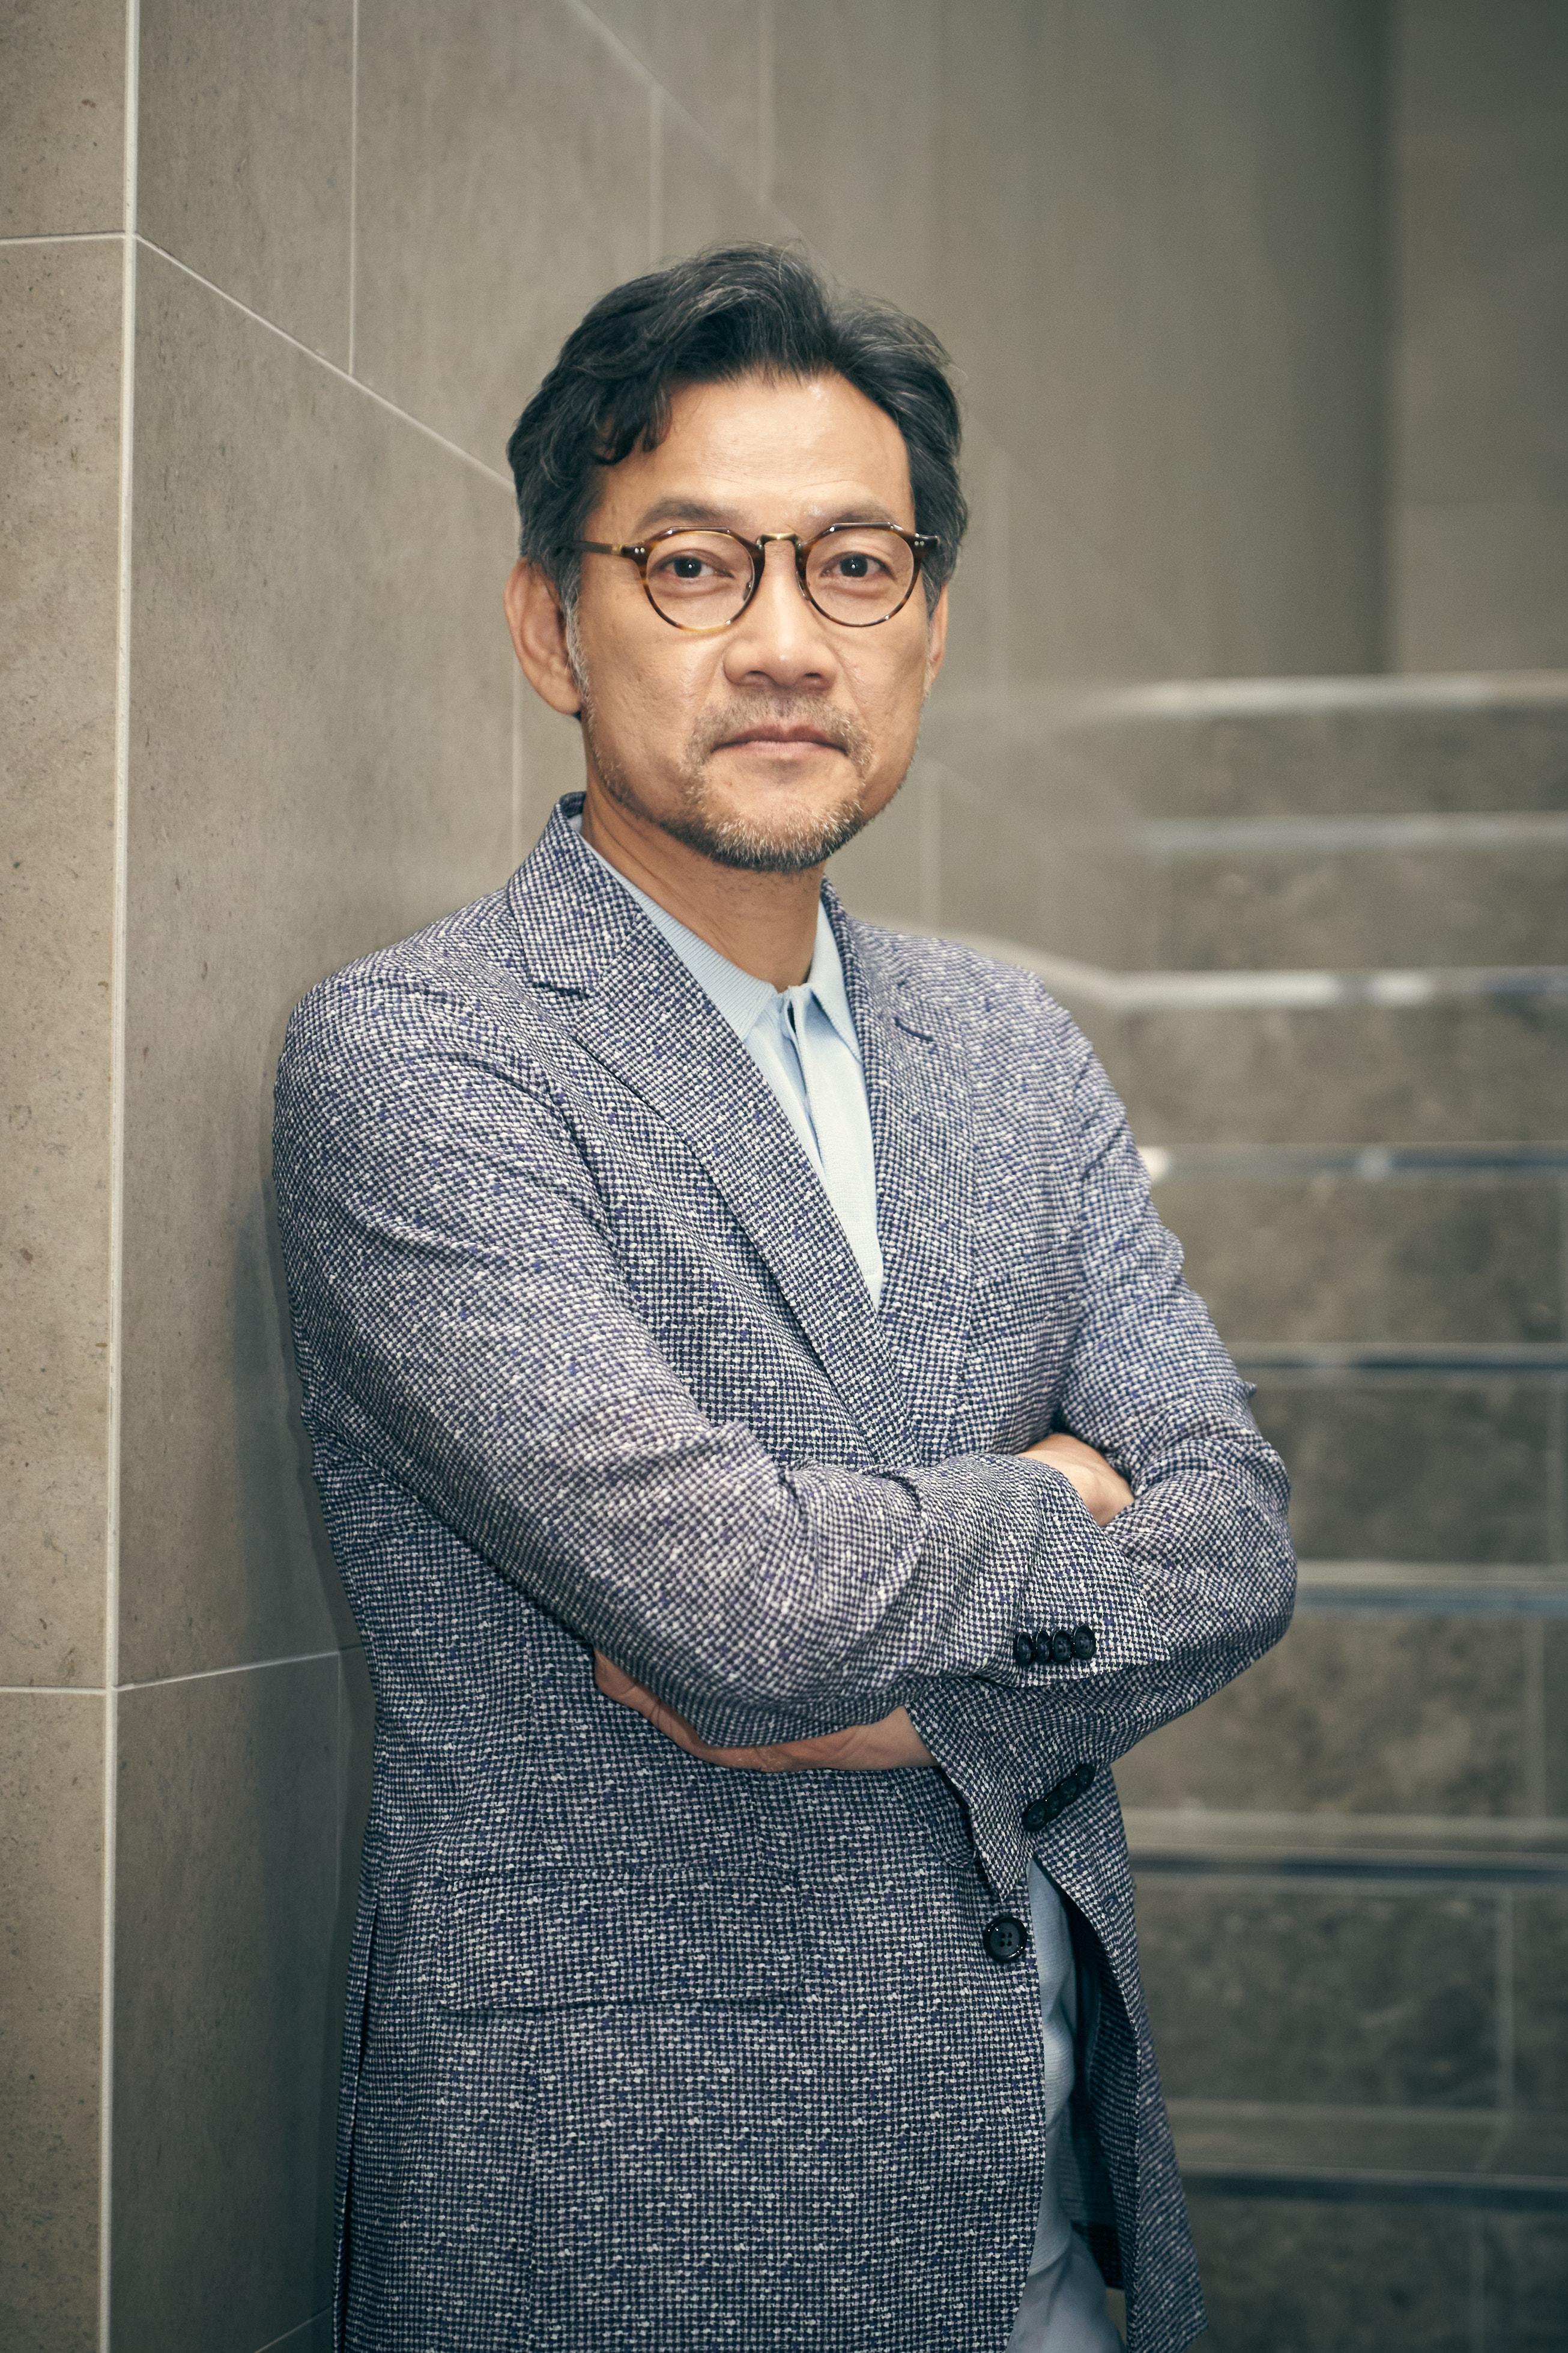 """[人스타] 배우에서 감독으로, 정진영의 새로운 도전 """"'나는 누군가?'에 대한 끊임없는 성찰"""""""